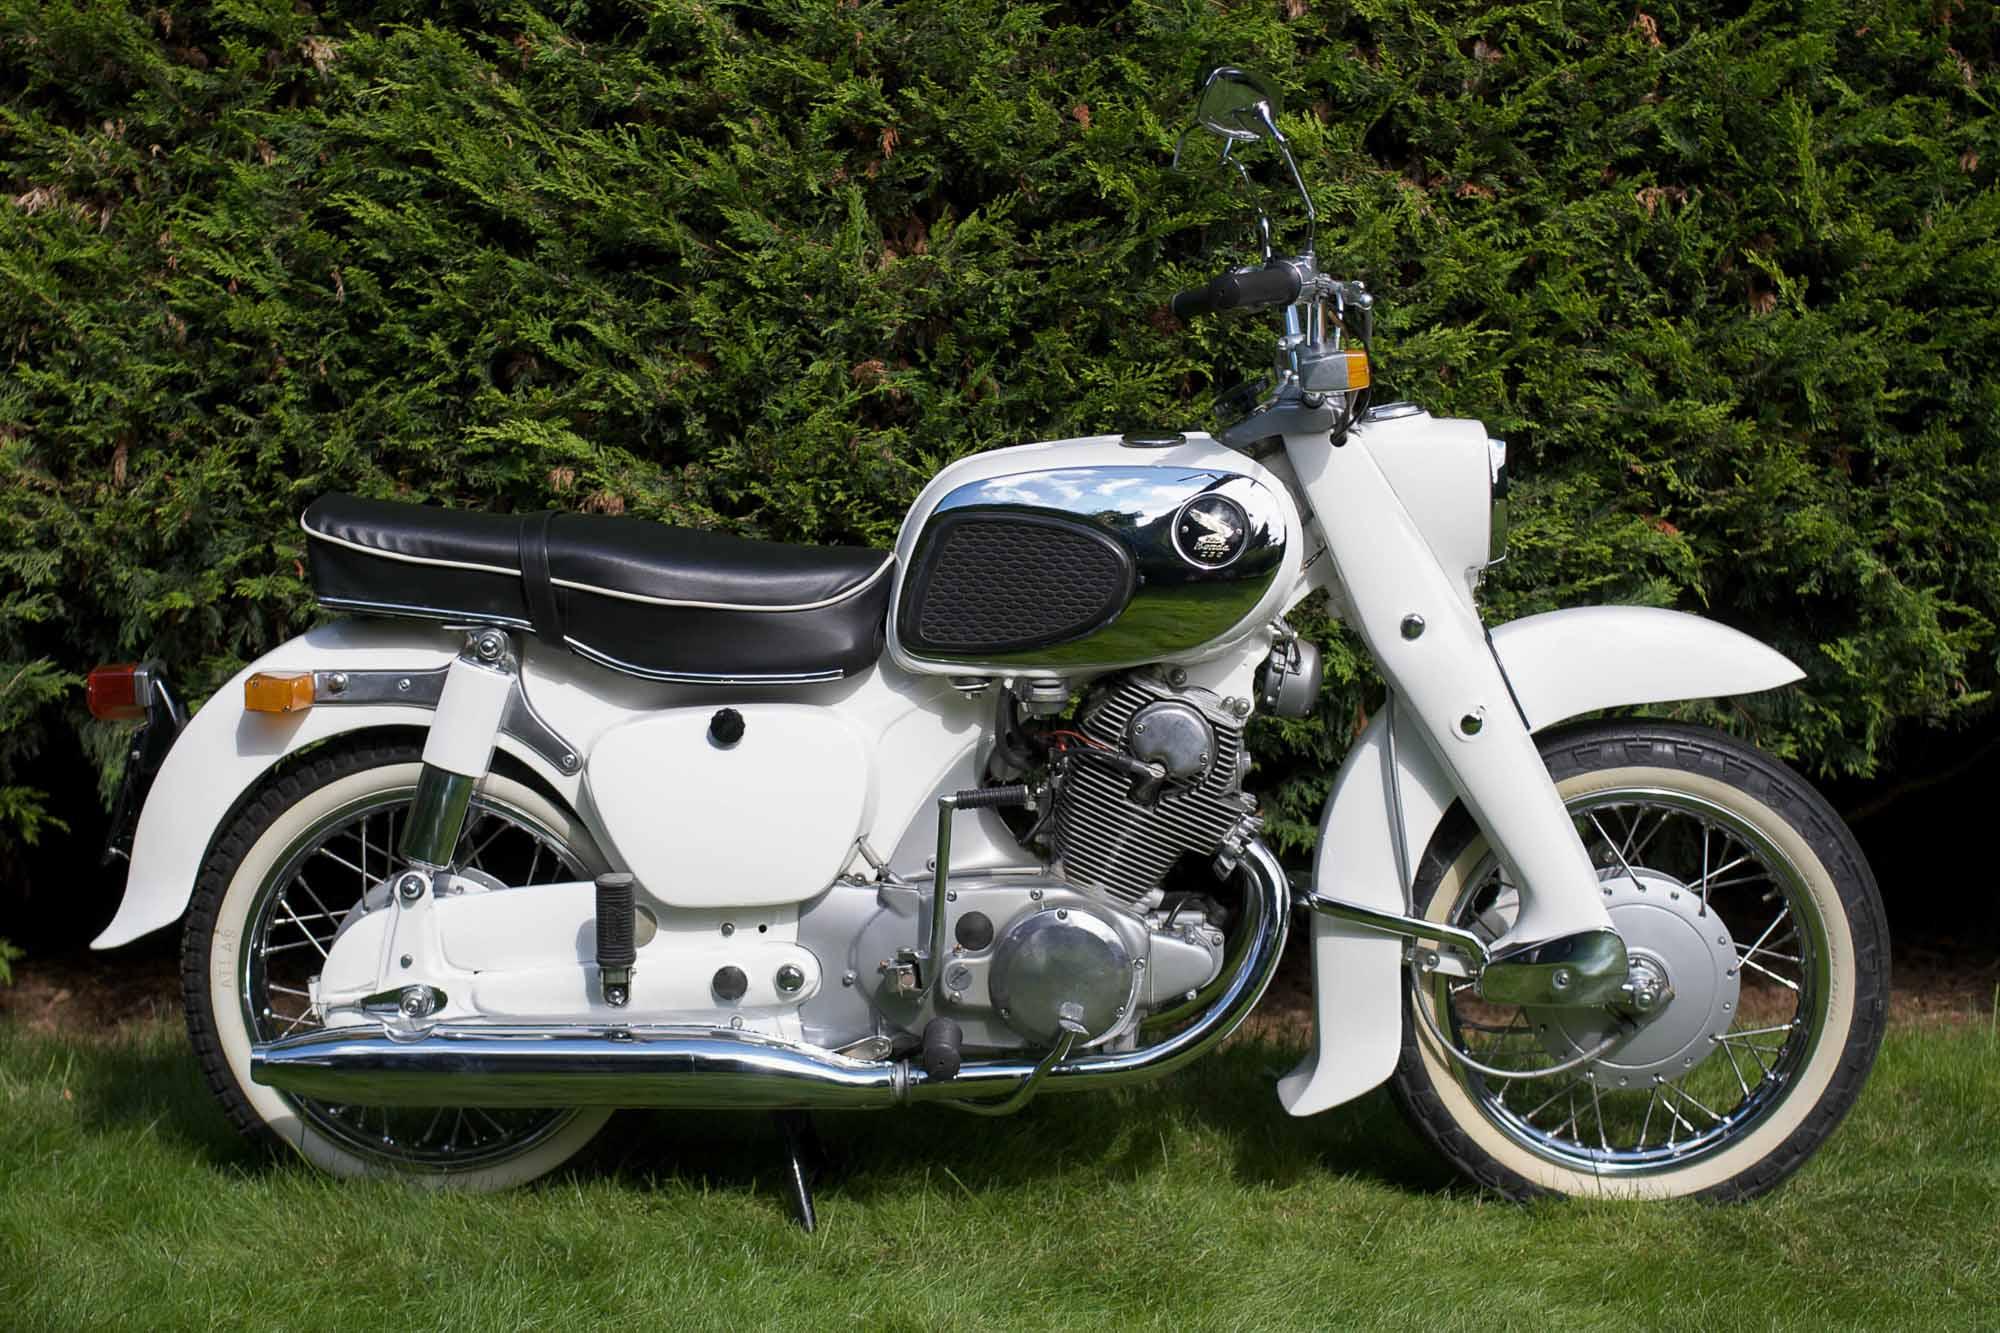 Touring-Modell in weiß: Honda CA 72 Dream (Quelle: Bonhams)